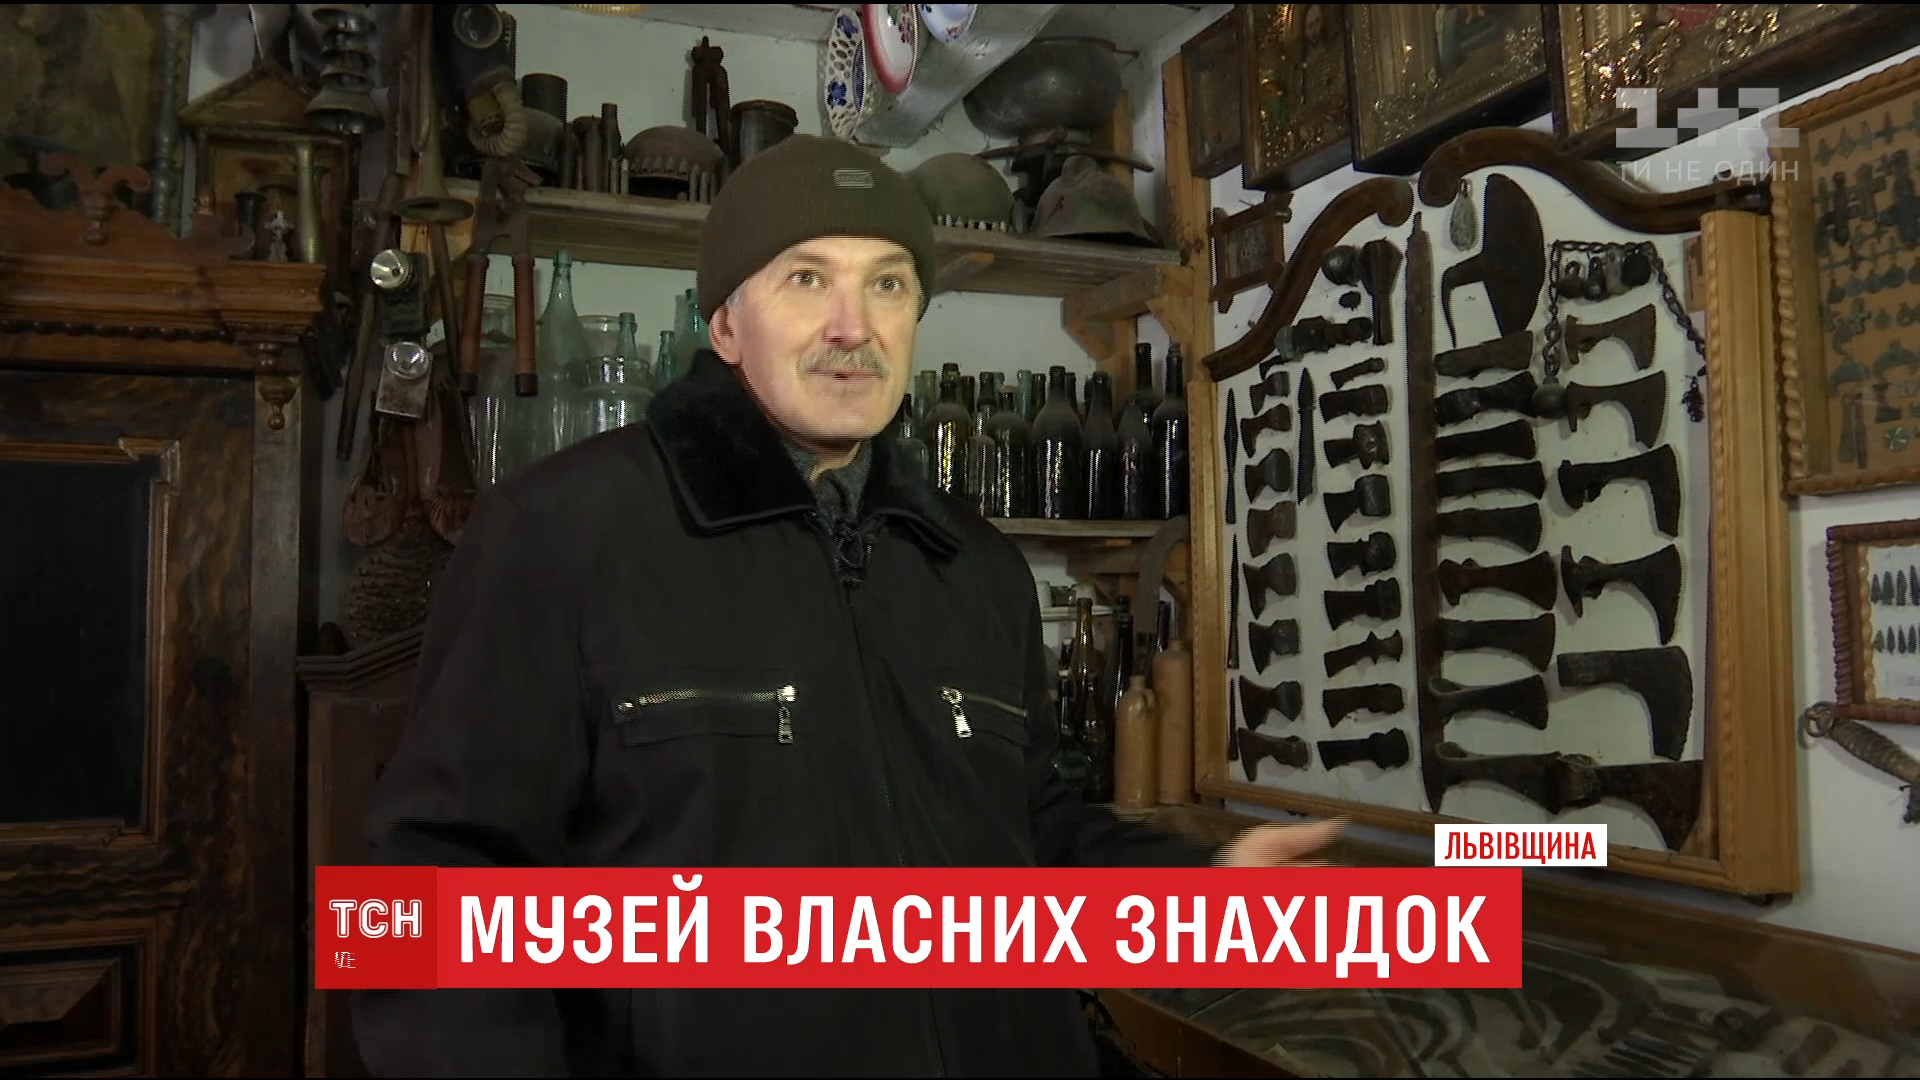 Житель Львовщины самостоятельно собрал уникальную коллекцию собственных находок /